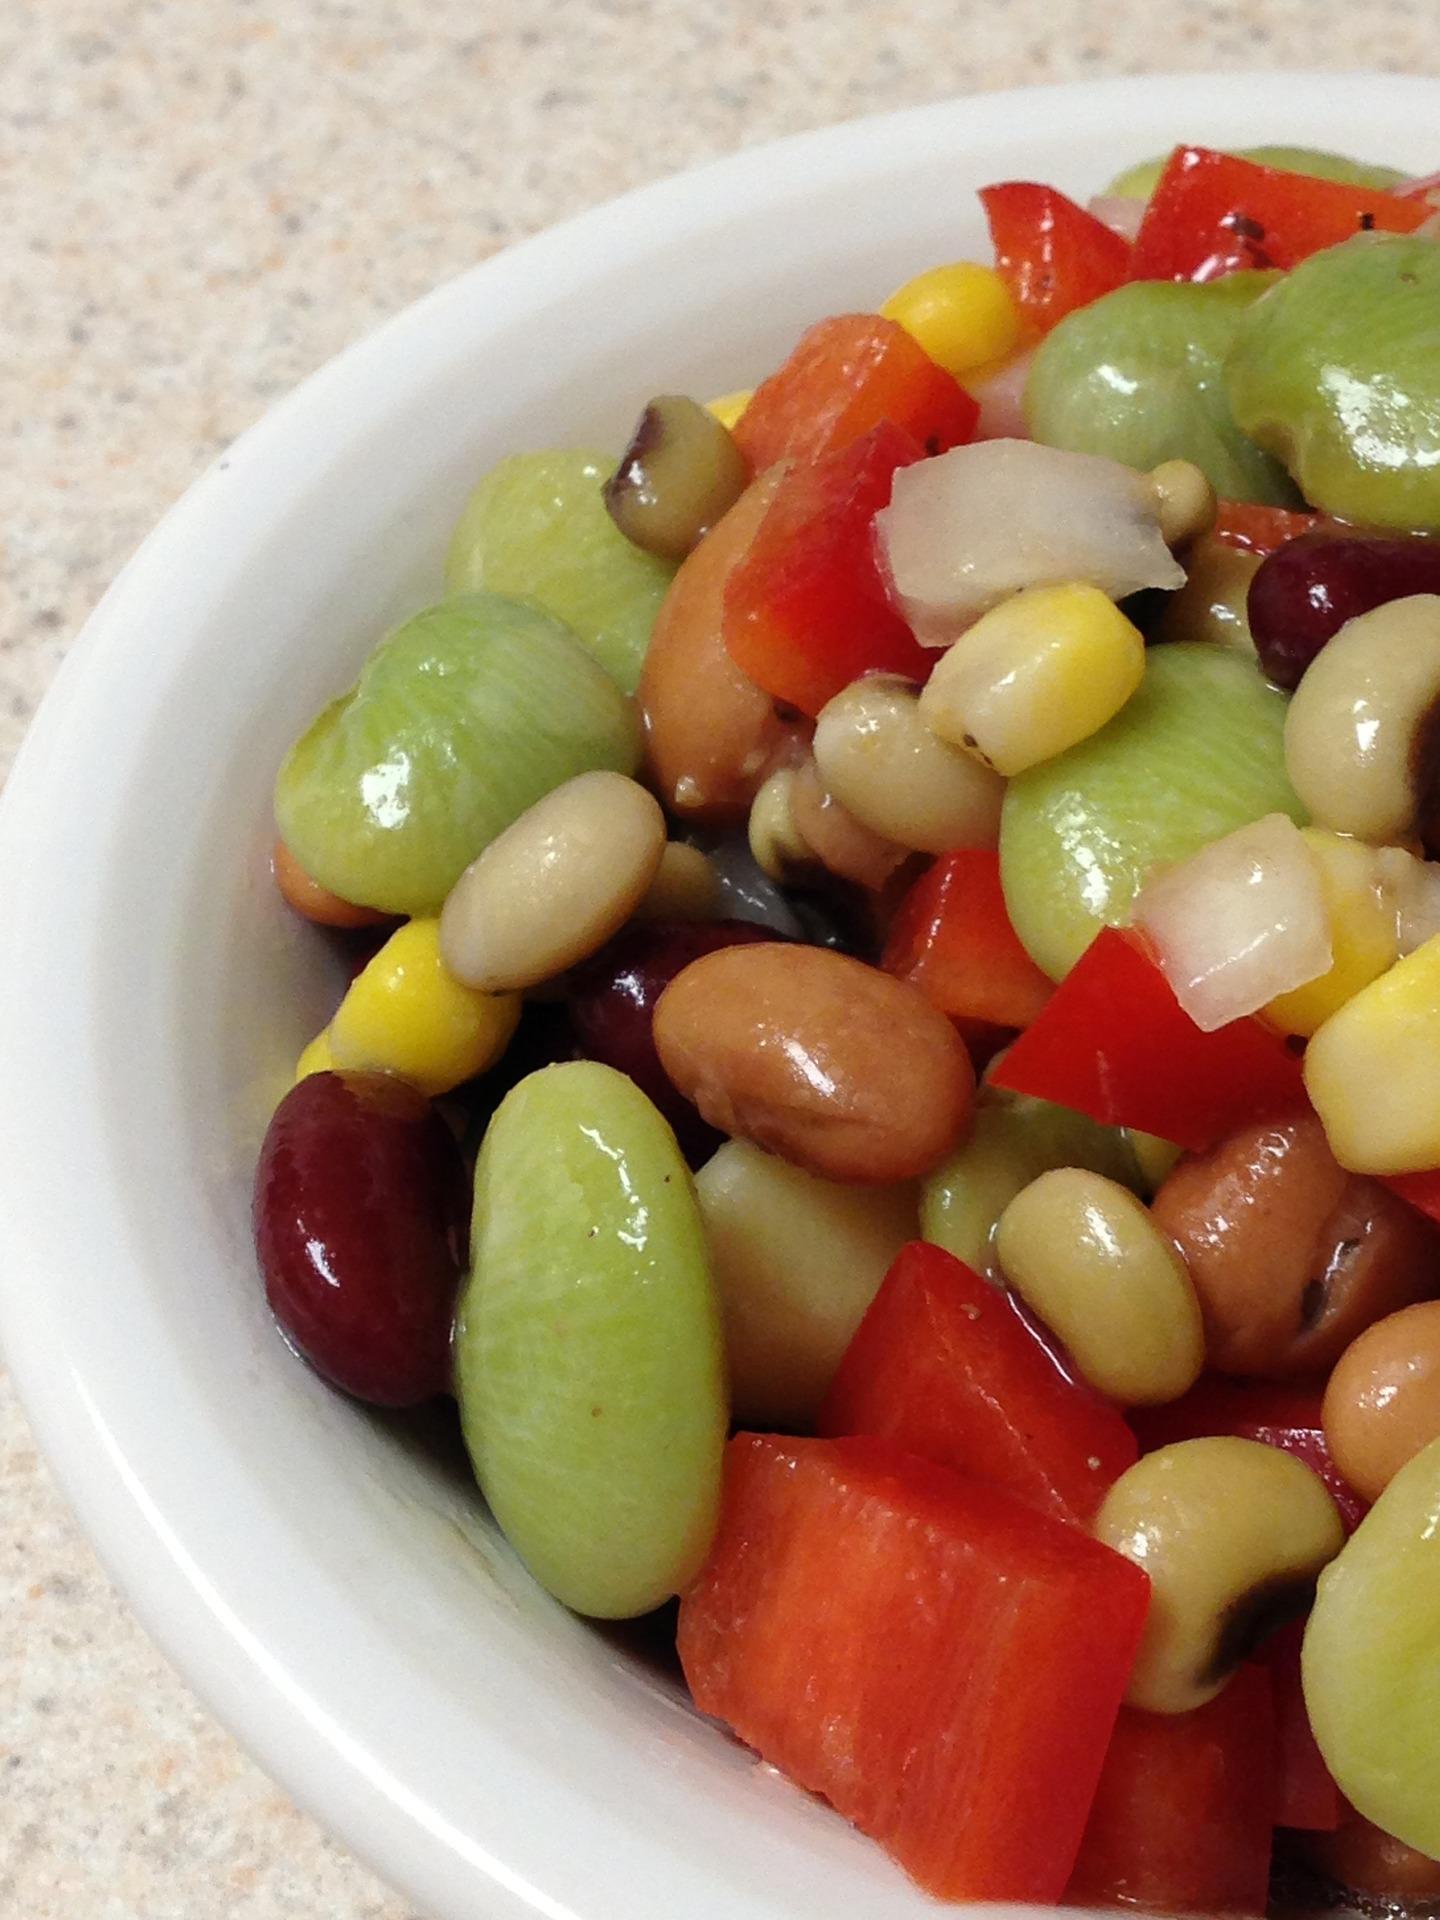 鄭成功有「皇帝豆」可以呑食嗎?